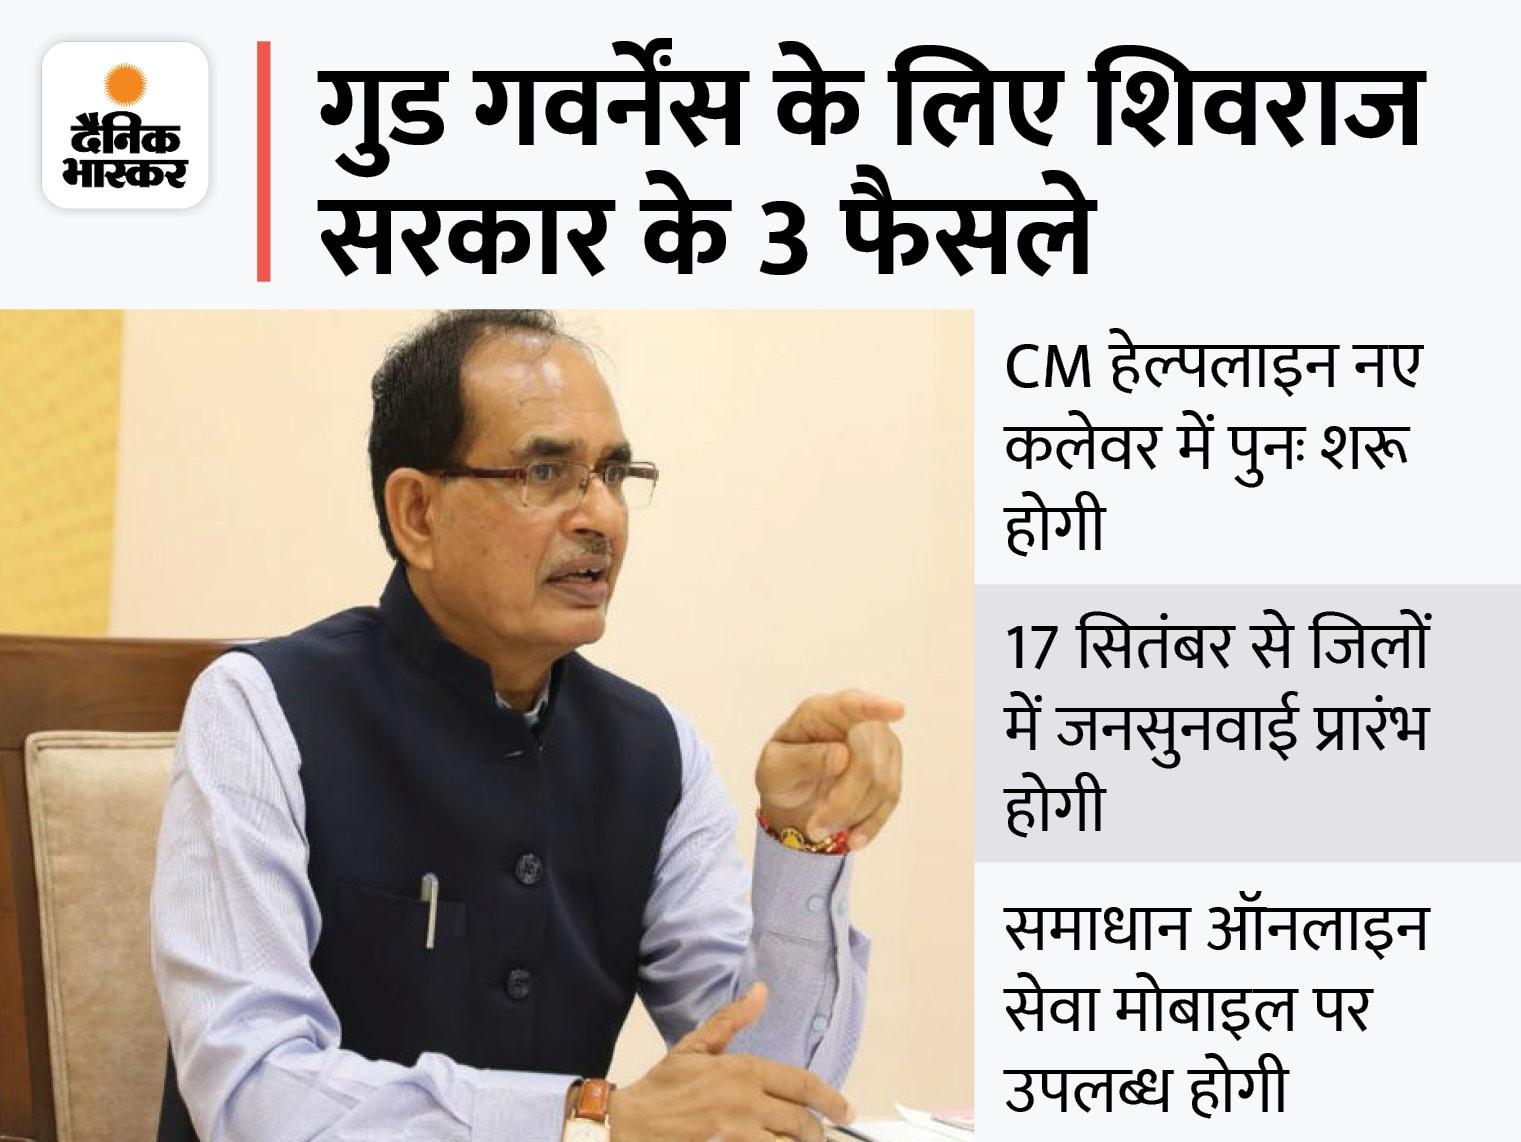 कोई भी फाइल मंत्री या अफसर के आफिस में 3 दिन से ज्यादा नहीं रहेगी; मंत्री महीने में एक दिन प्रभार वाले जिले में जनदर्शन करें|मध्य प्रदेश,Madhya Pradesh - Dainik Bhaskar